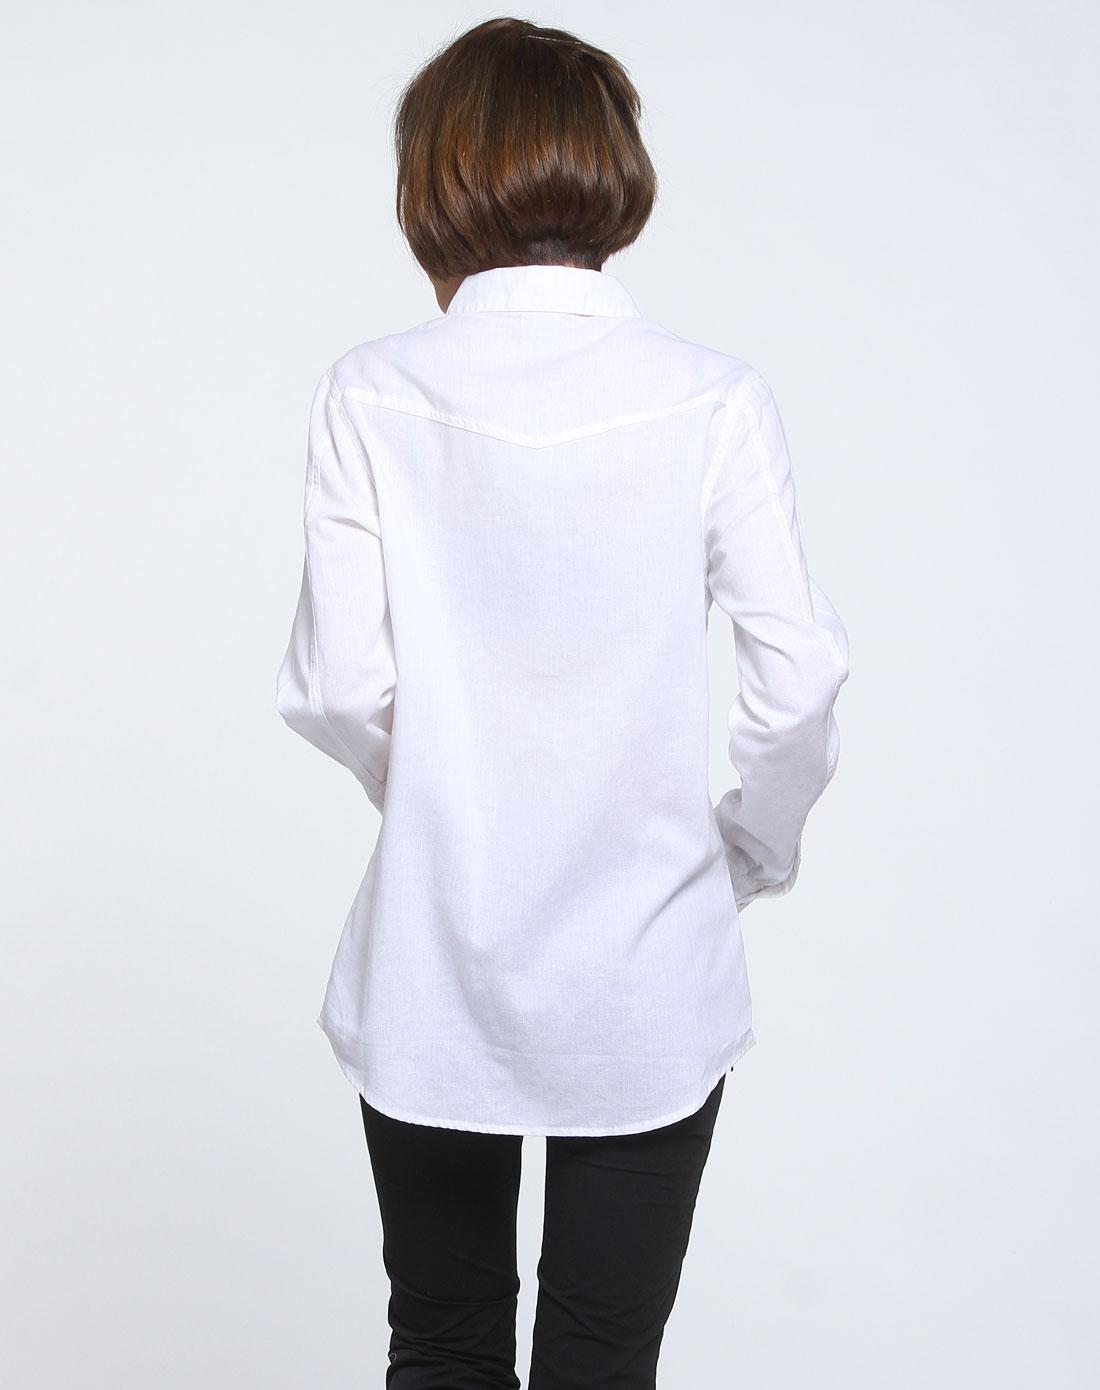 耐克nike女款白色时尚休闲长袖衬衫407741-100